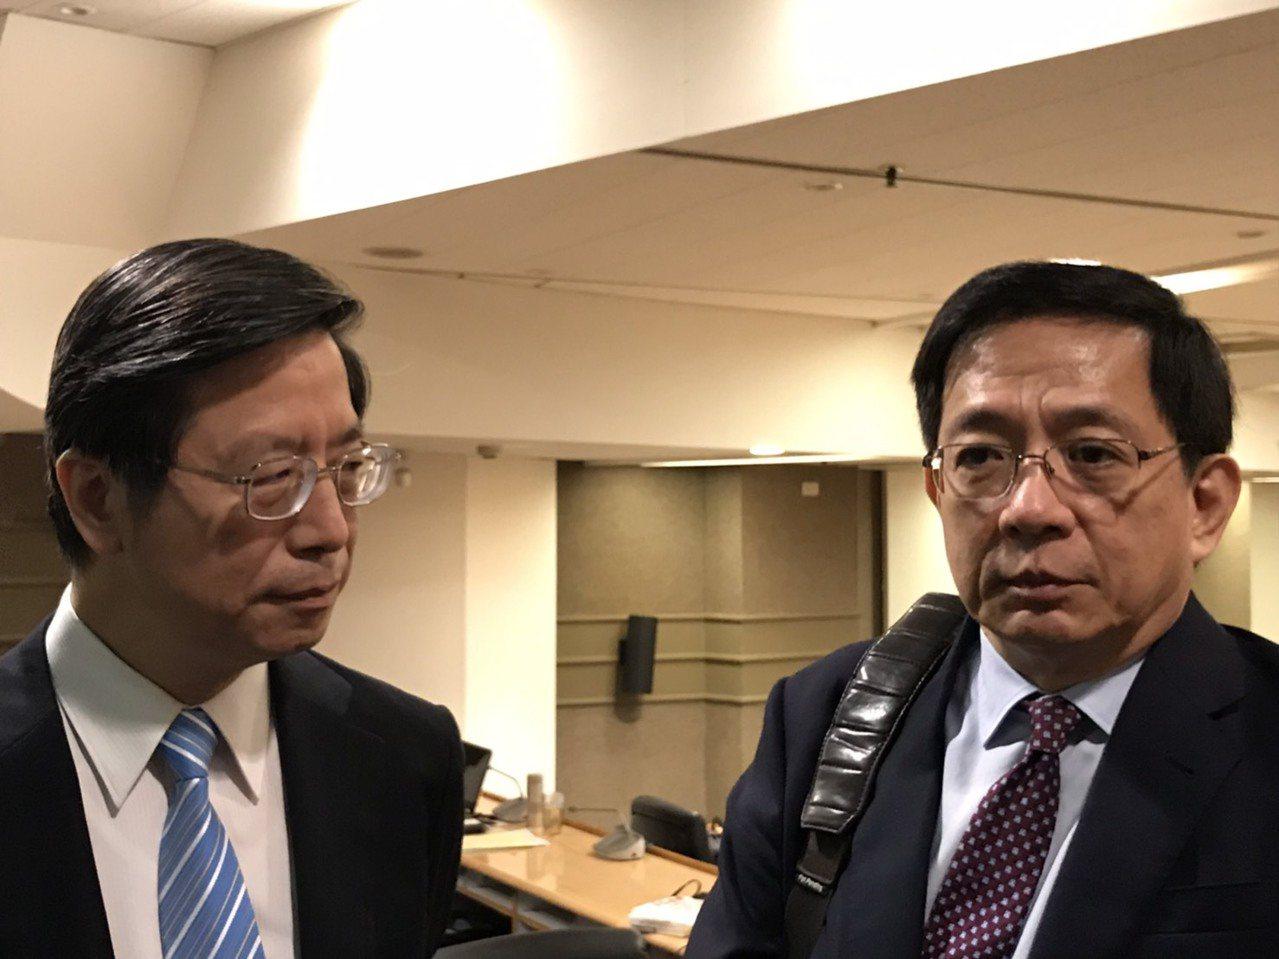 台大校長管中閔(右)與台大副校長張上淳(左)回應台大癌醫中心問題。記者潘乃欣/攝...